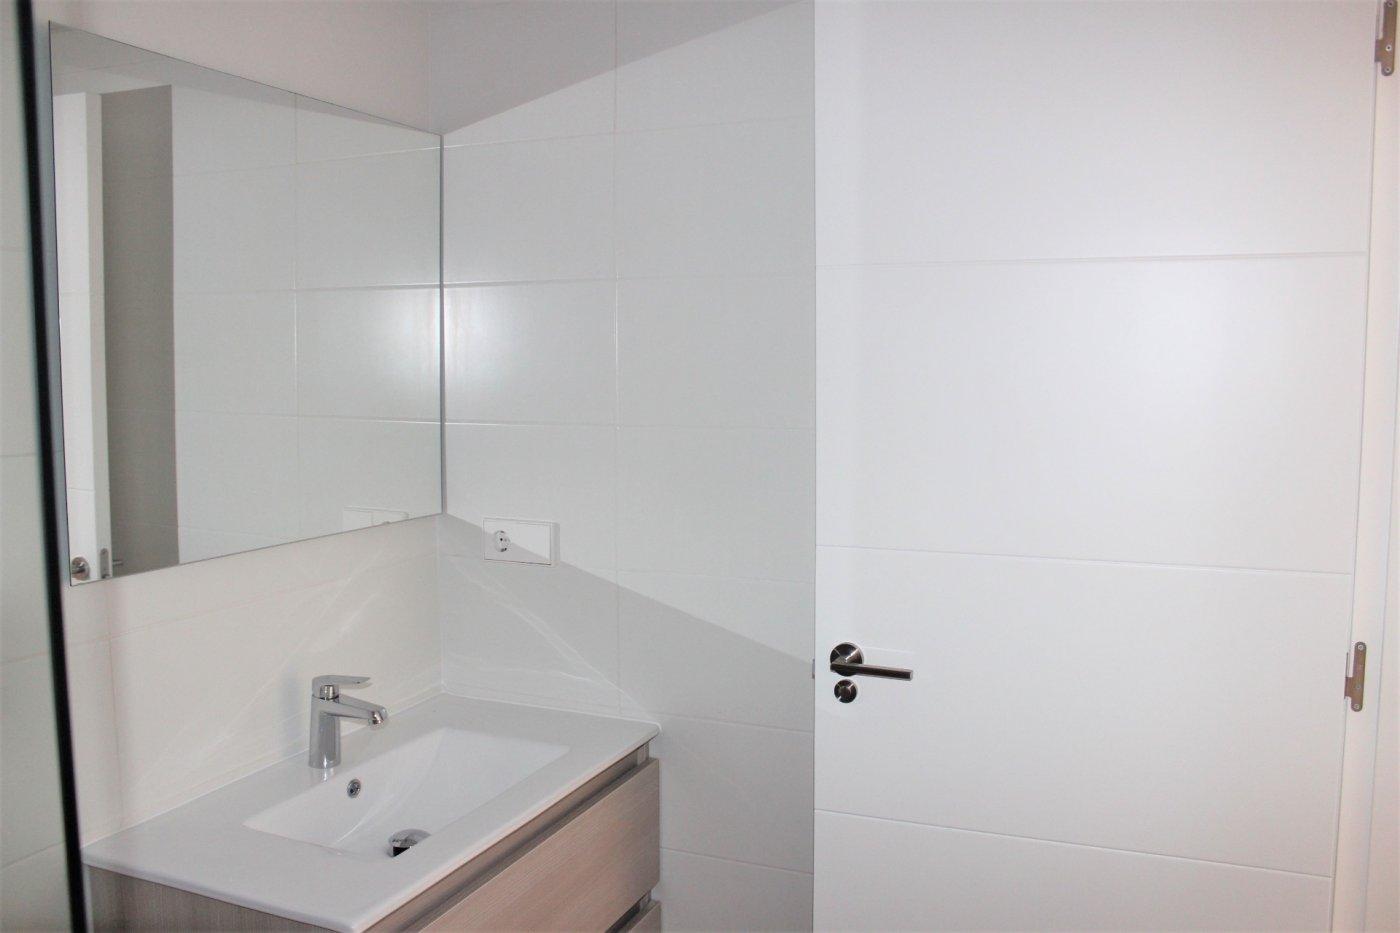 Moderno apartamento planta baja en el mojón - imagenInmueble8